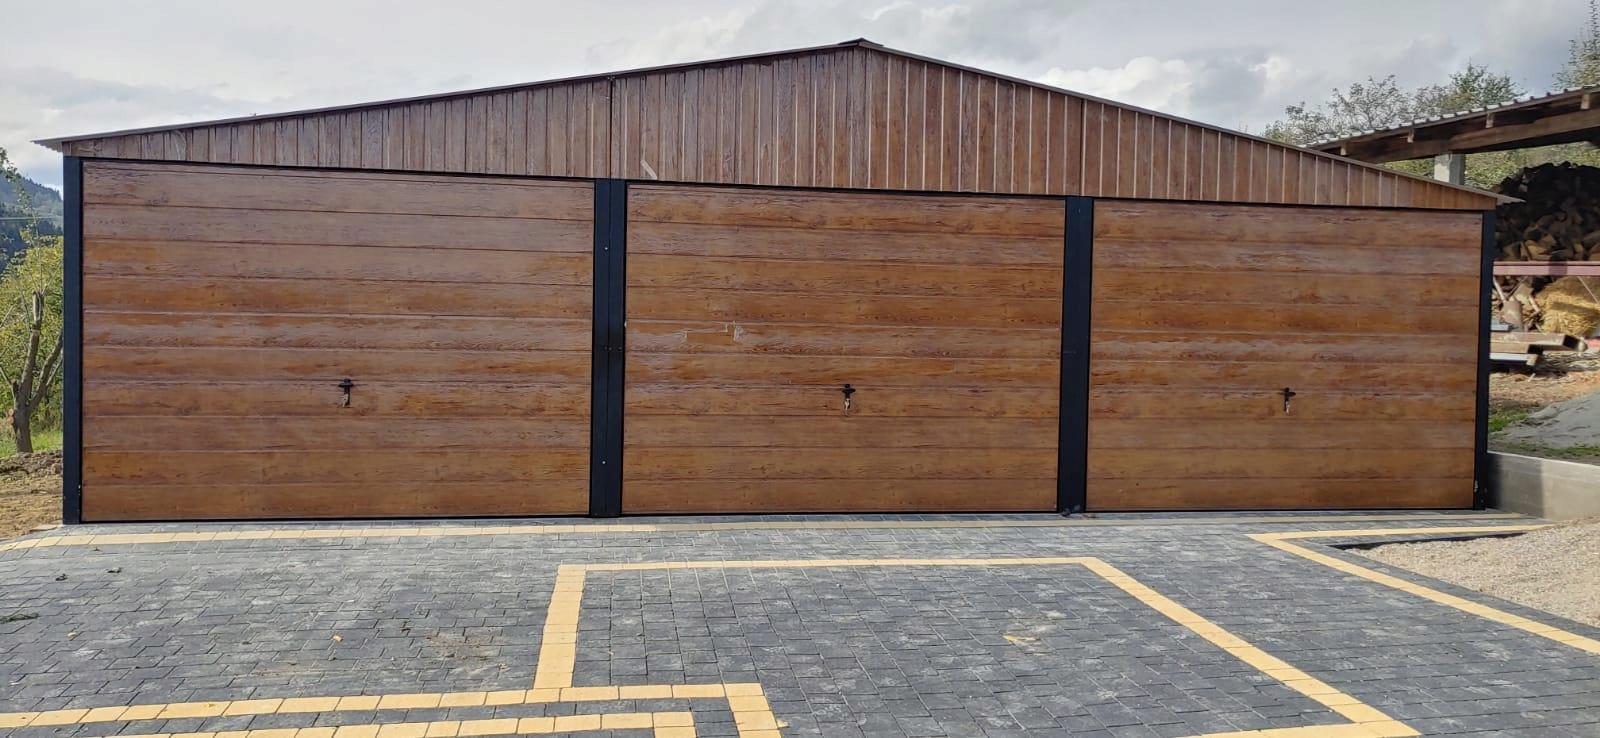 Garaż blaszany 9x6 garaże blaszane blaszak schowek